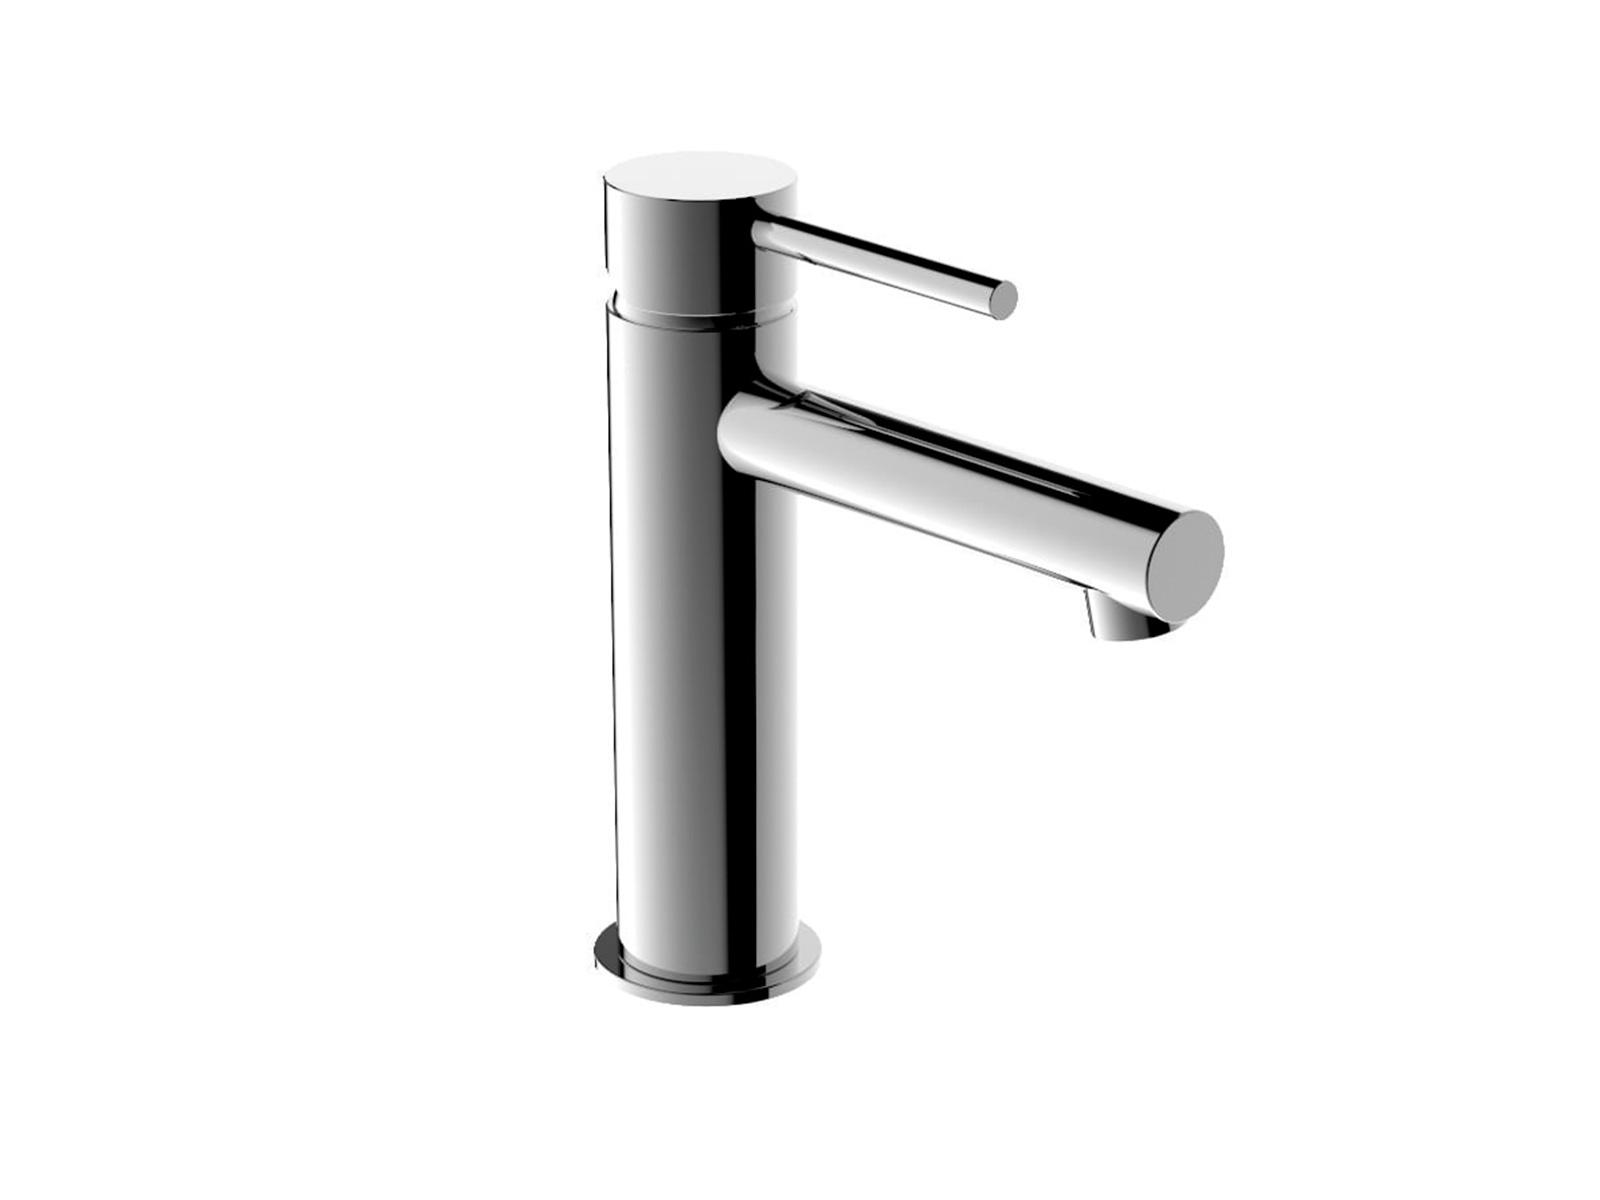 Monomando lavabo r rovira - Monomando lavabo ...